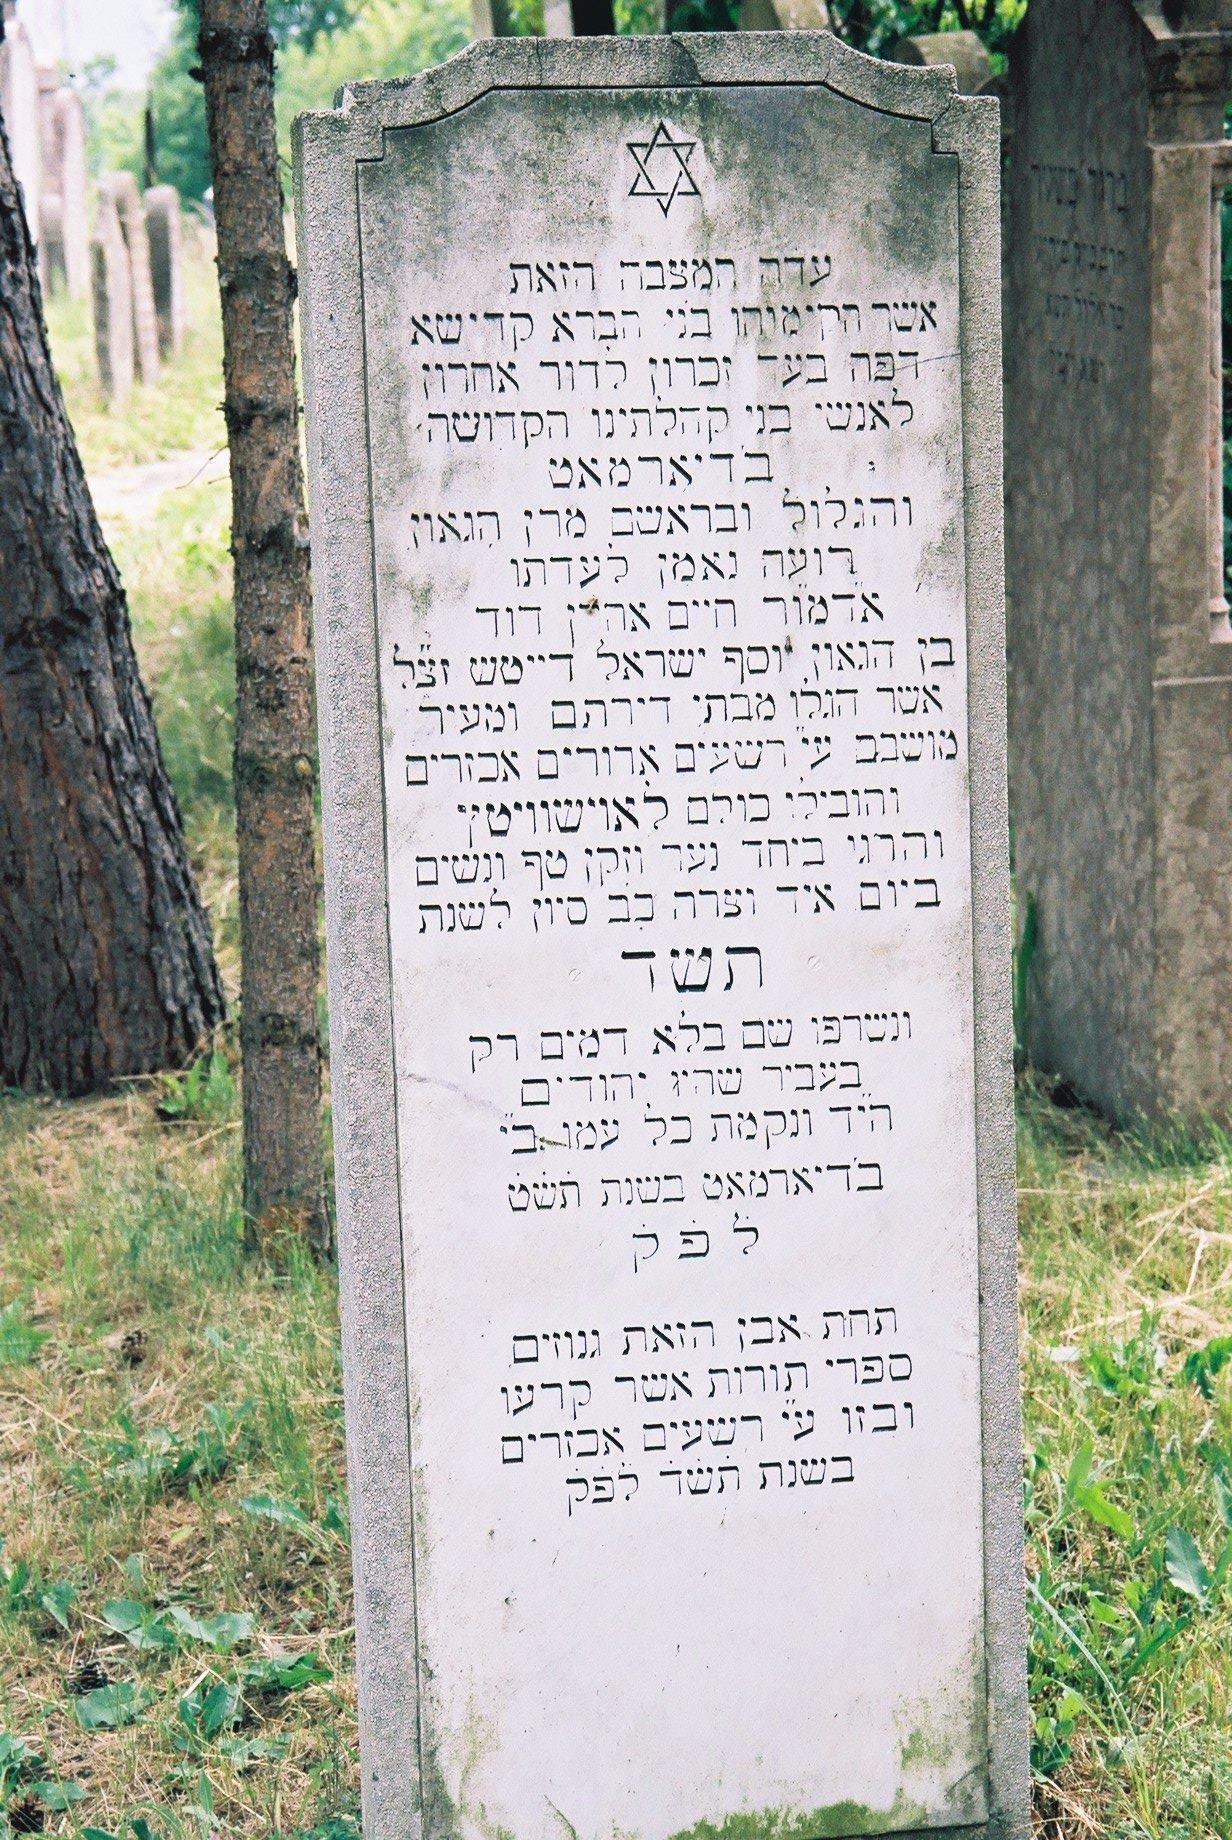 """""""E kő alatt vannak eltemetve azok a Tóratekercsek, amiket széttéptek és megrongáltak a kegyetlen gonoszok 5704-ben"""" – Ez olvasható Balassagyar- maton a Tórák nyughelye fölé 1949-ben emelt sírkövön, ami egyben a Holokauszt mártírjainak is emléket állít. Forrás: Berish Weber"""